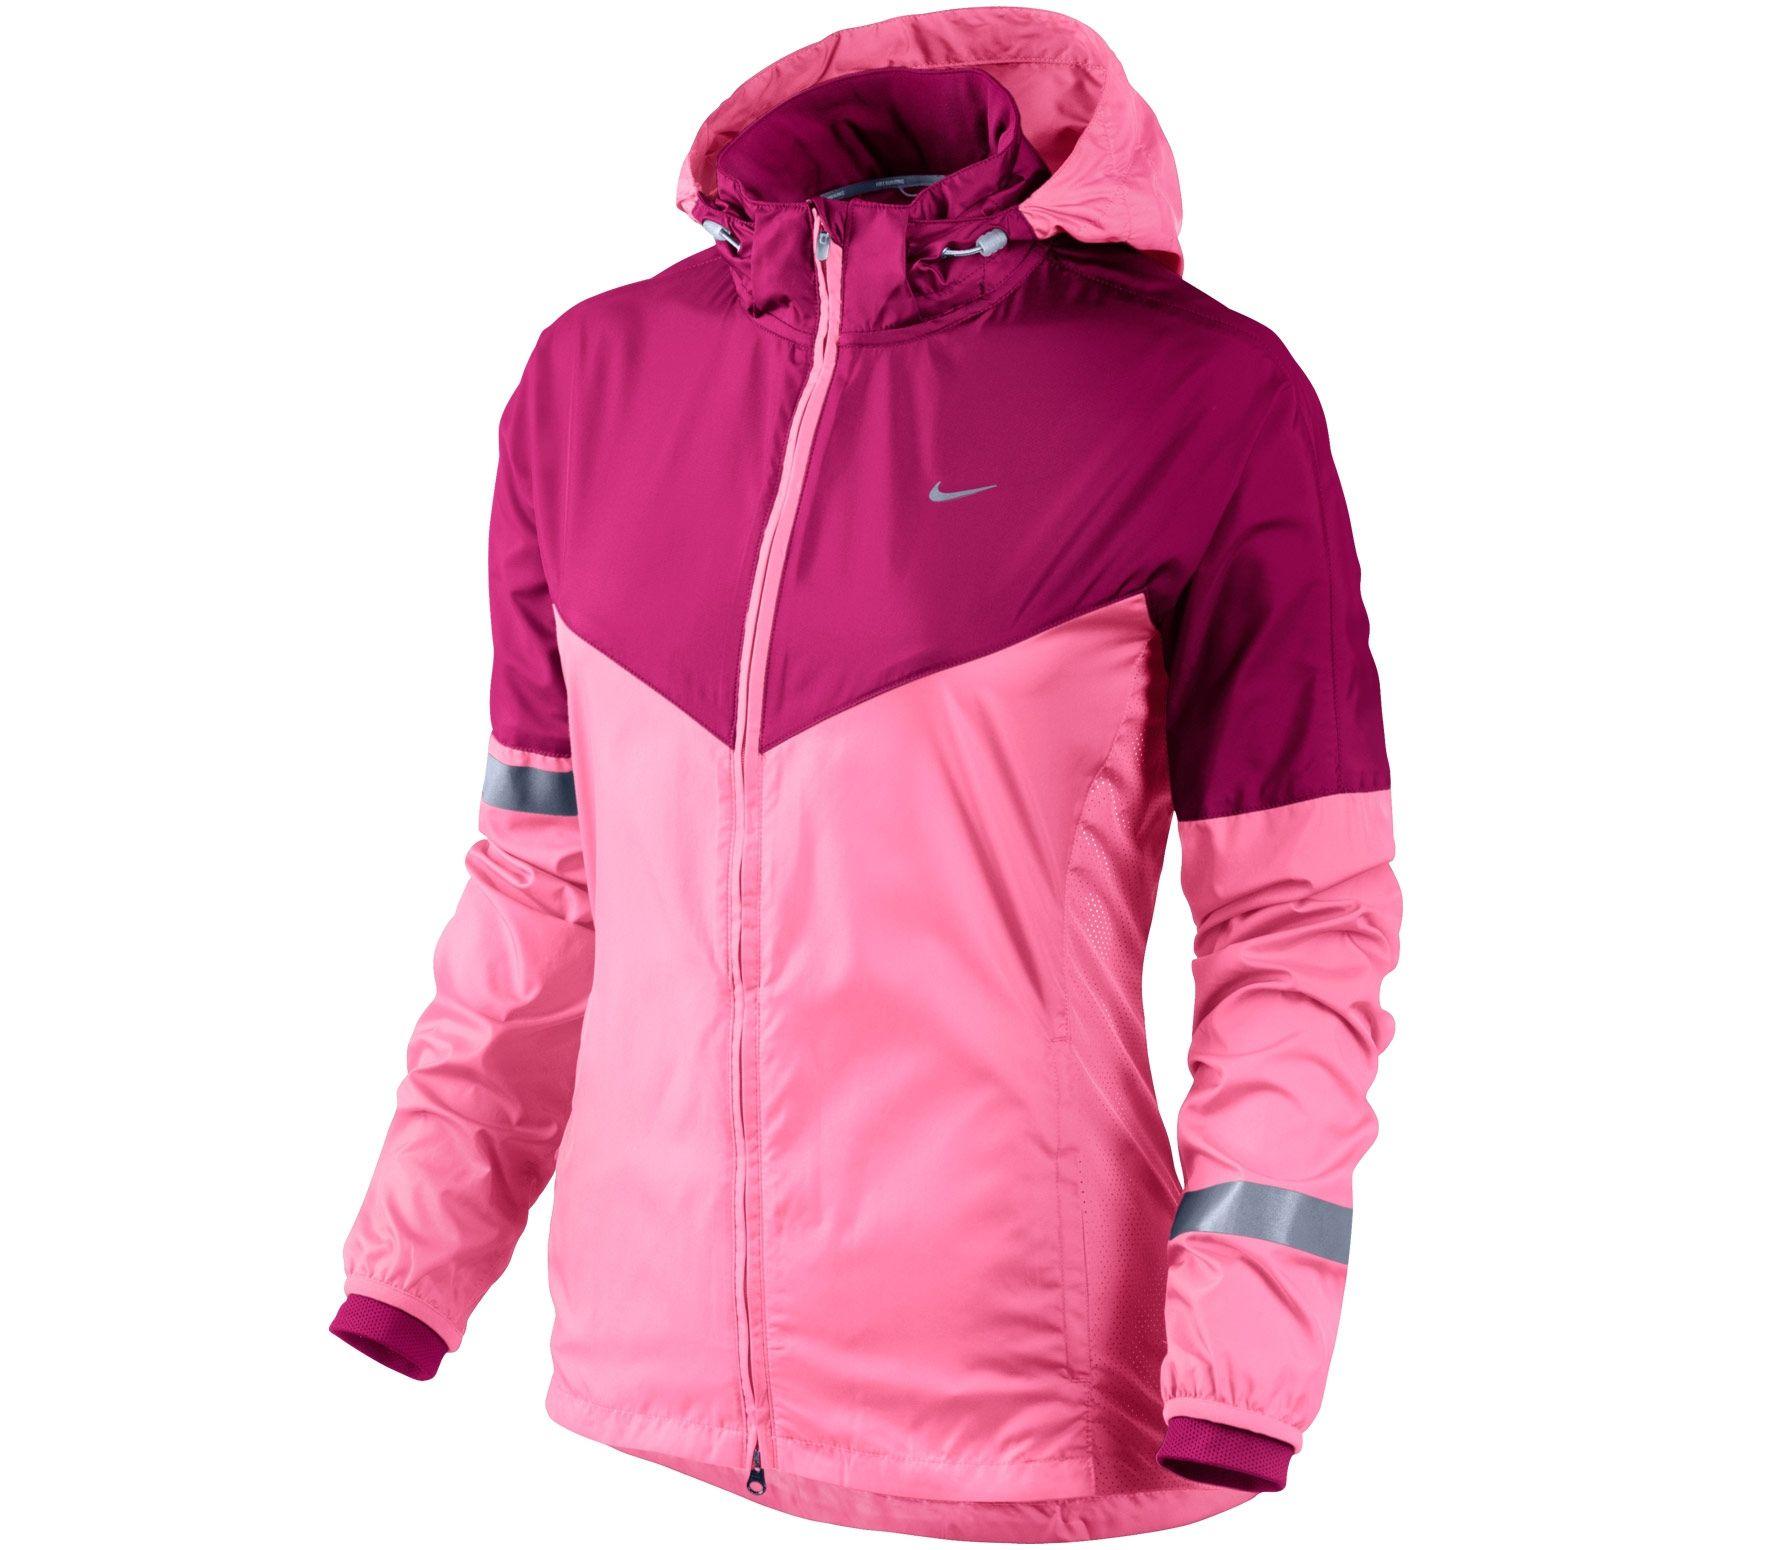 exclusive shoes details for wholesale sales Nike - Laufjacke Damen Vapor Jacket - SP13 Laufbekleidung ...